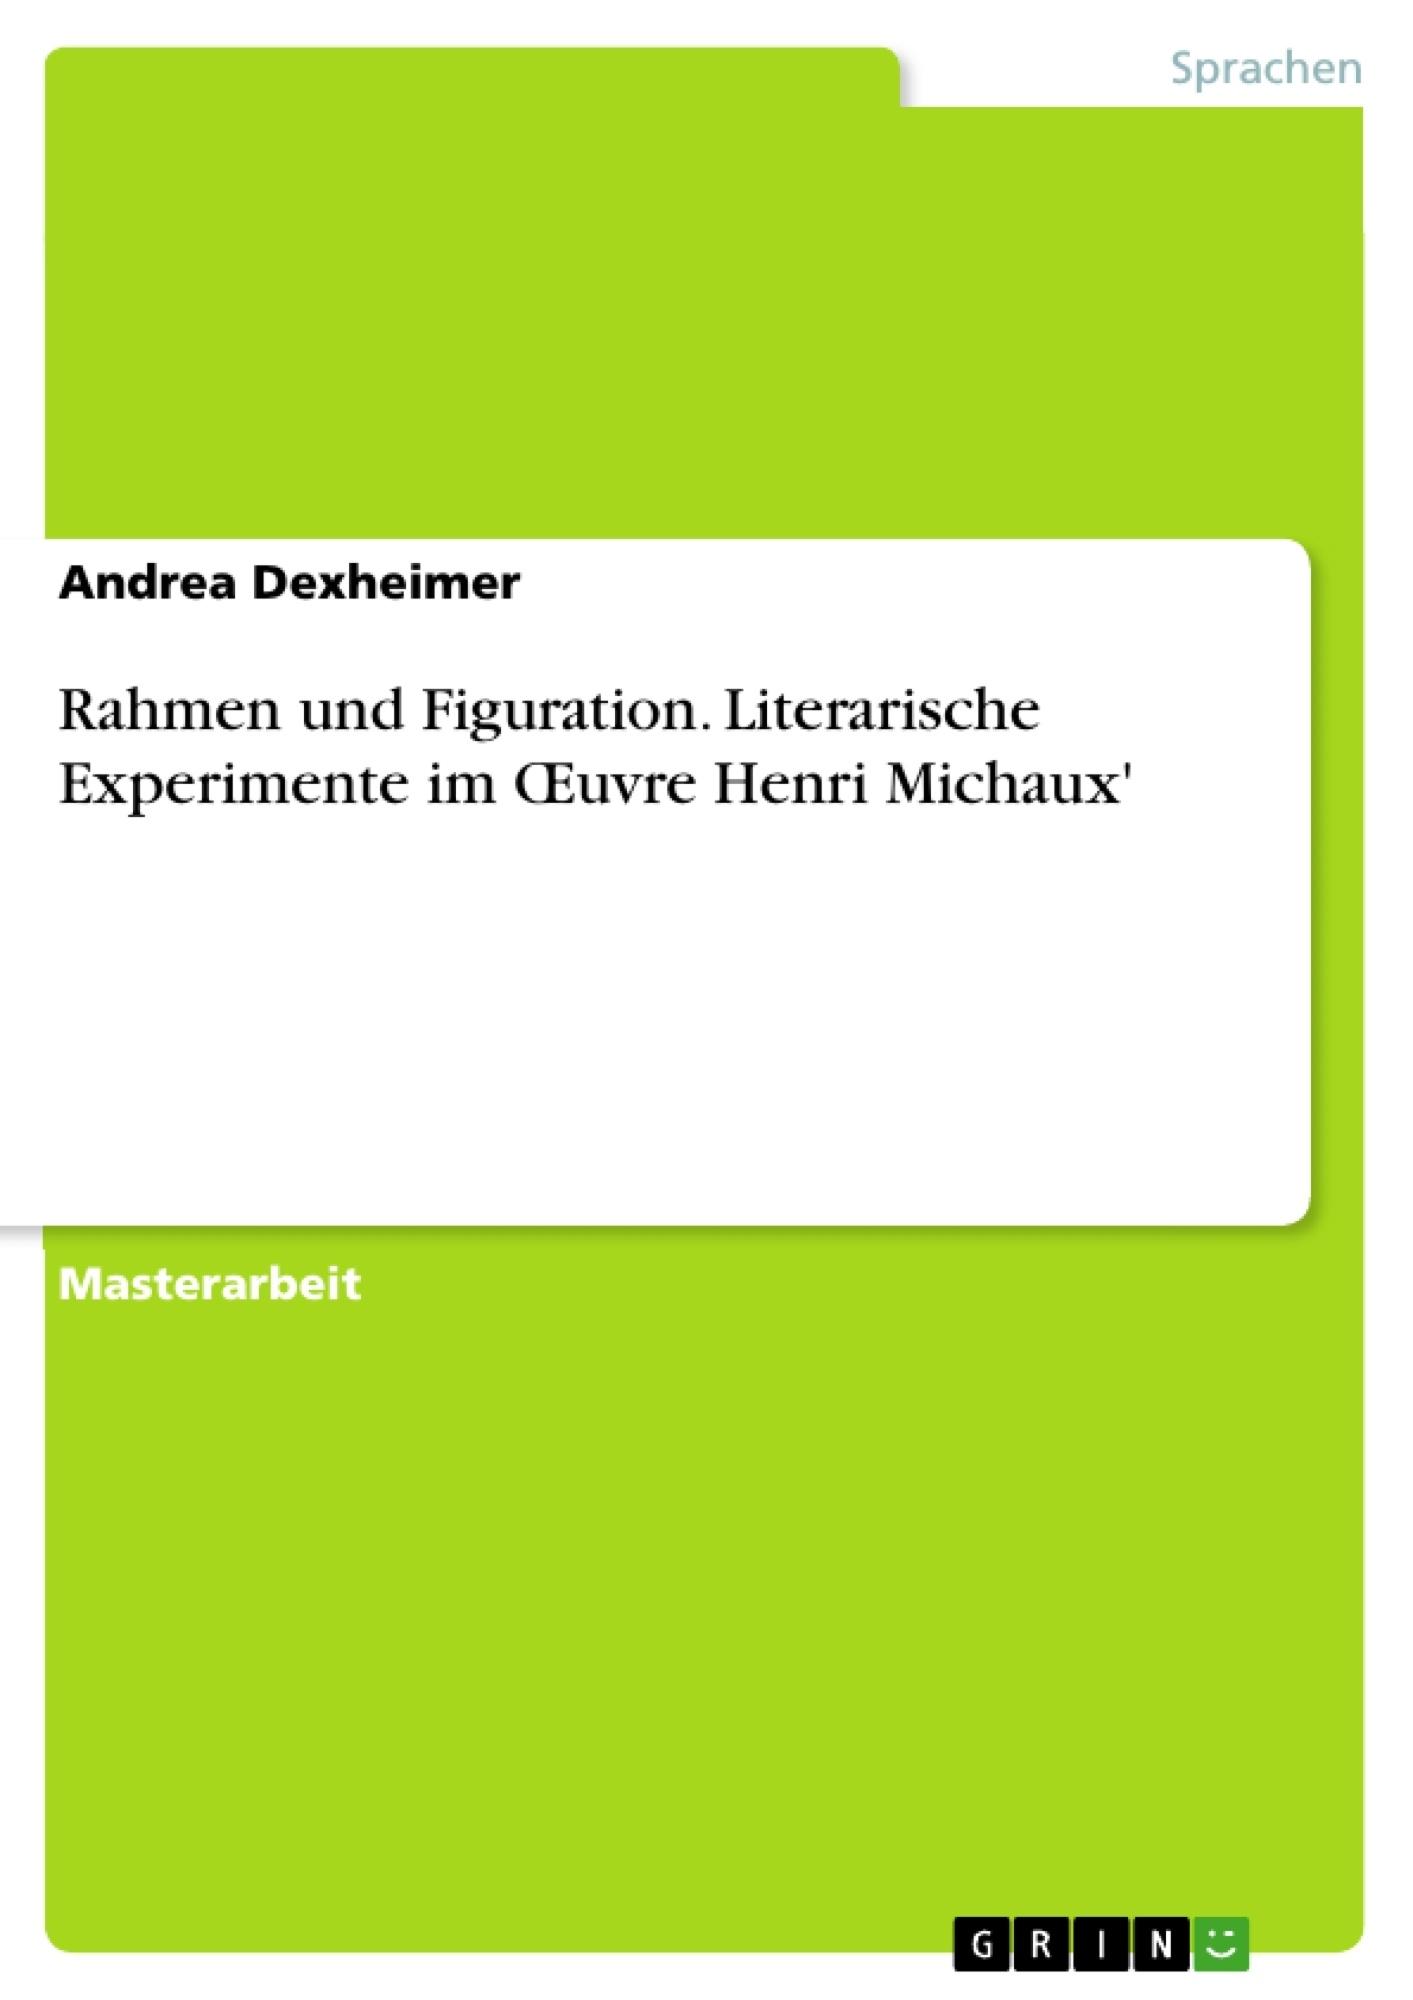 Titel: Rahmen und Figuration. Literarische Experimente im Œuvre Henri Michaux'